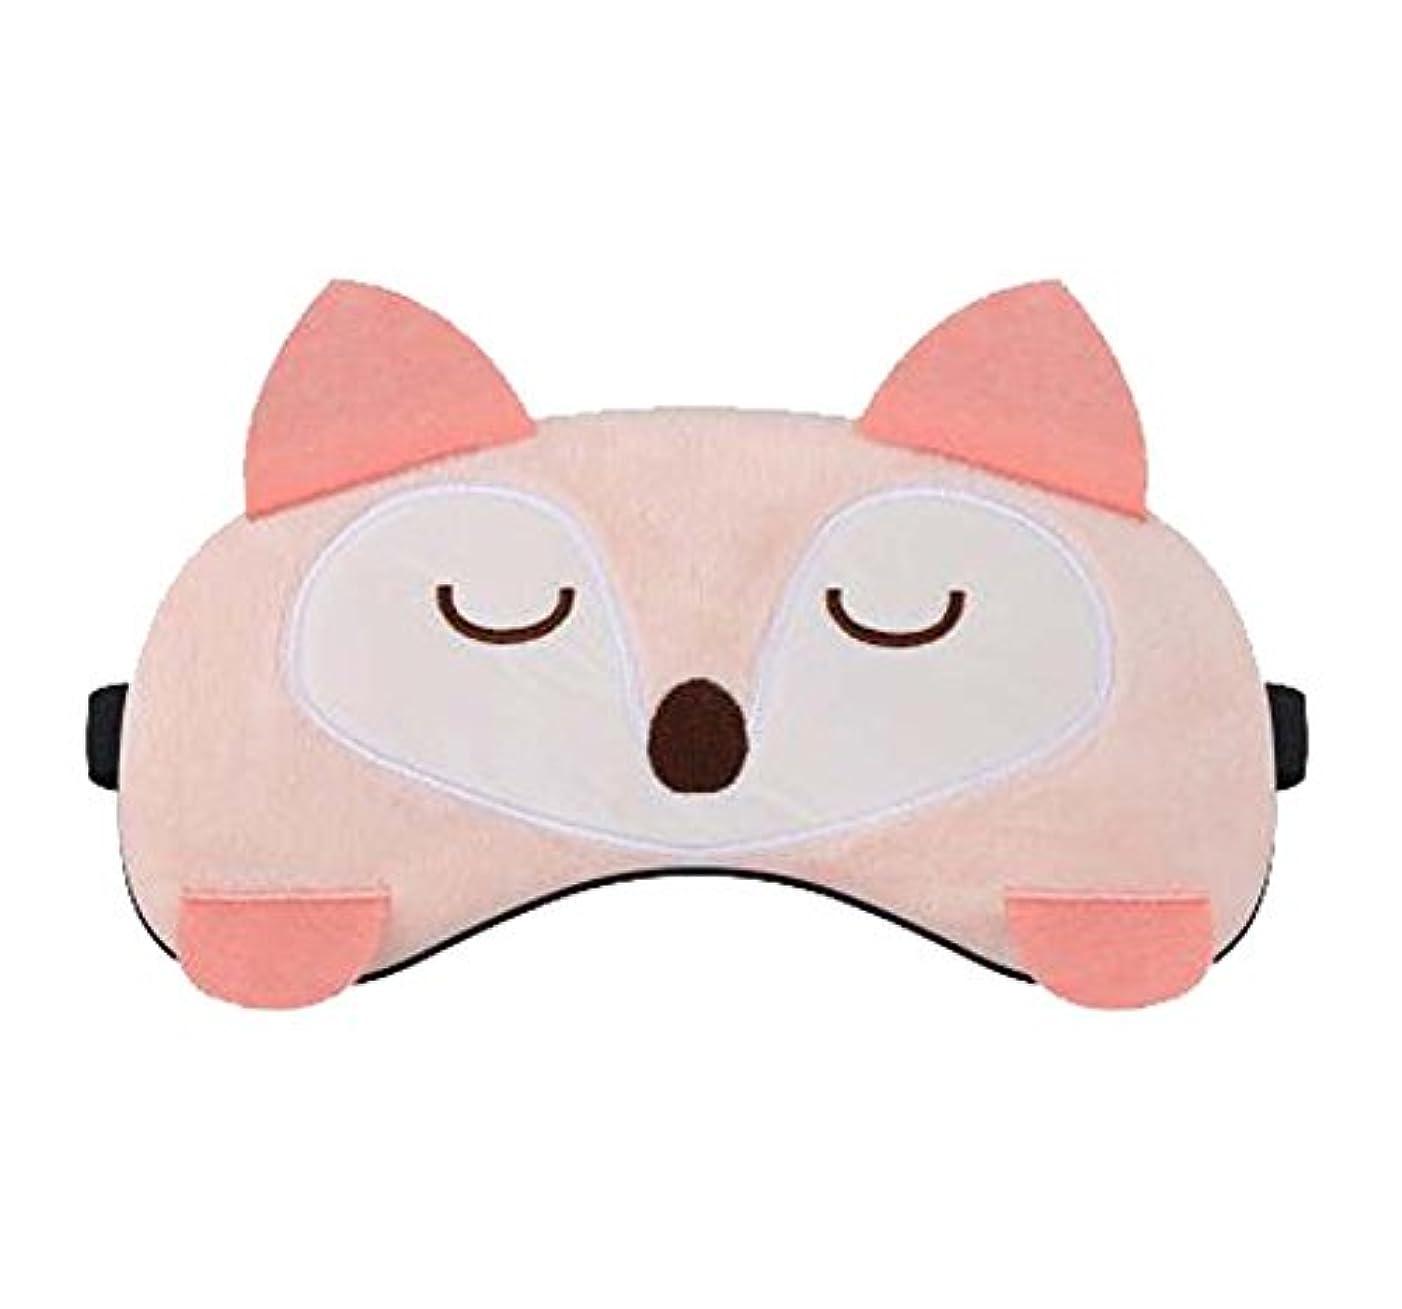 クリップ汚れる落胆したかわいい睡眠マスクアイマスク - セラピー不眠症 - 男性、女性、女の子、子供、A